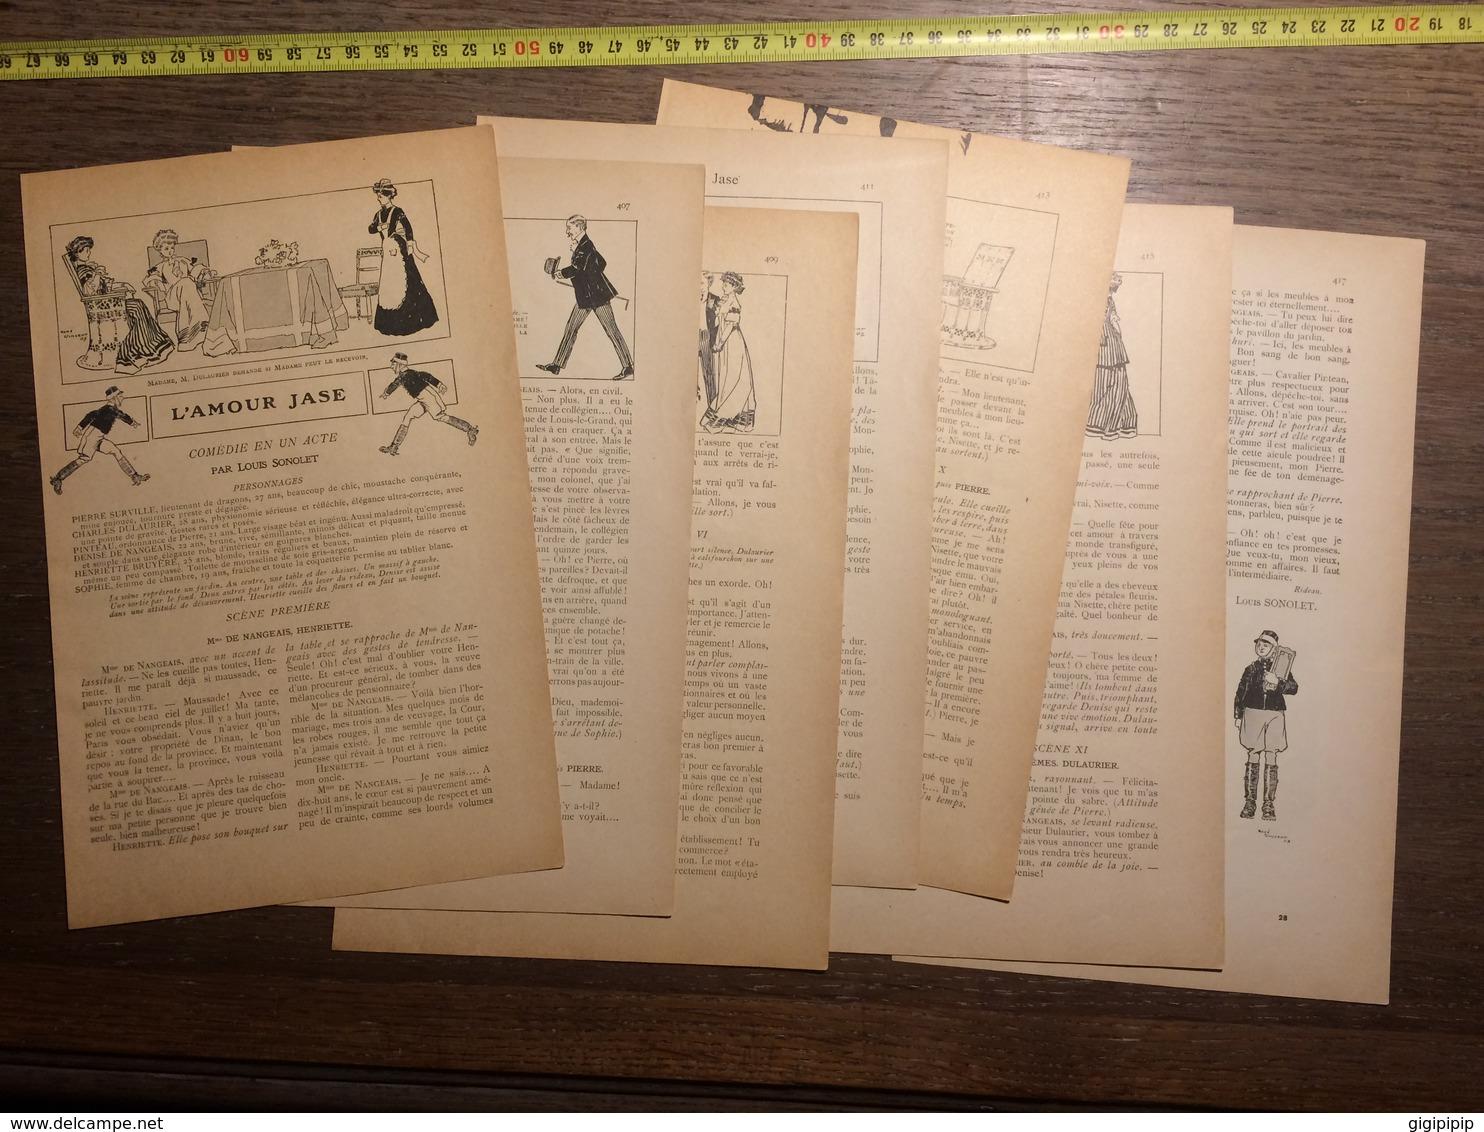 1909 DOCUMENT L AMOUR JASE COMEDIE UN ACTE PAR LOUIS SONOLET RENE VINCENT - Vieux Papiers